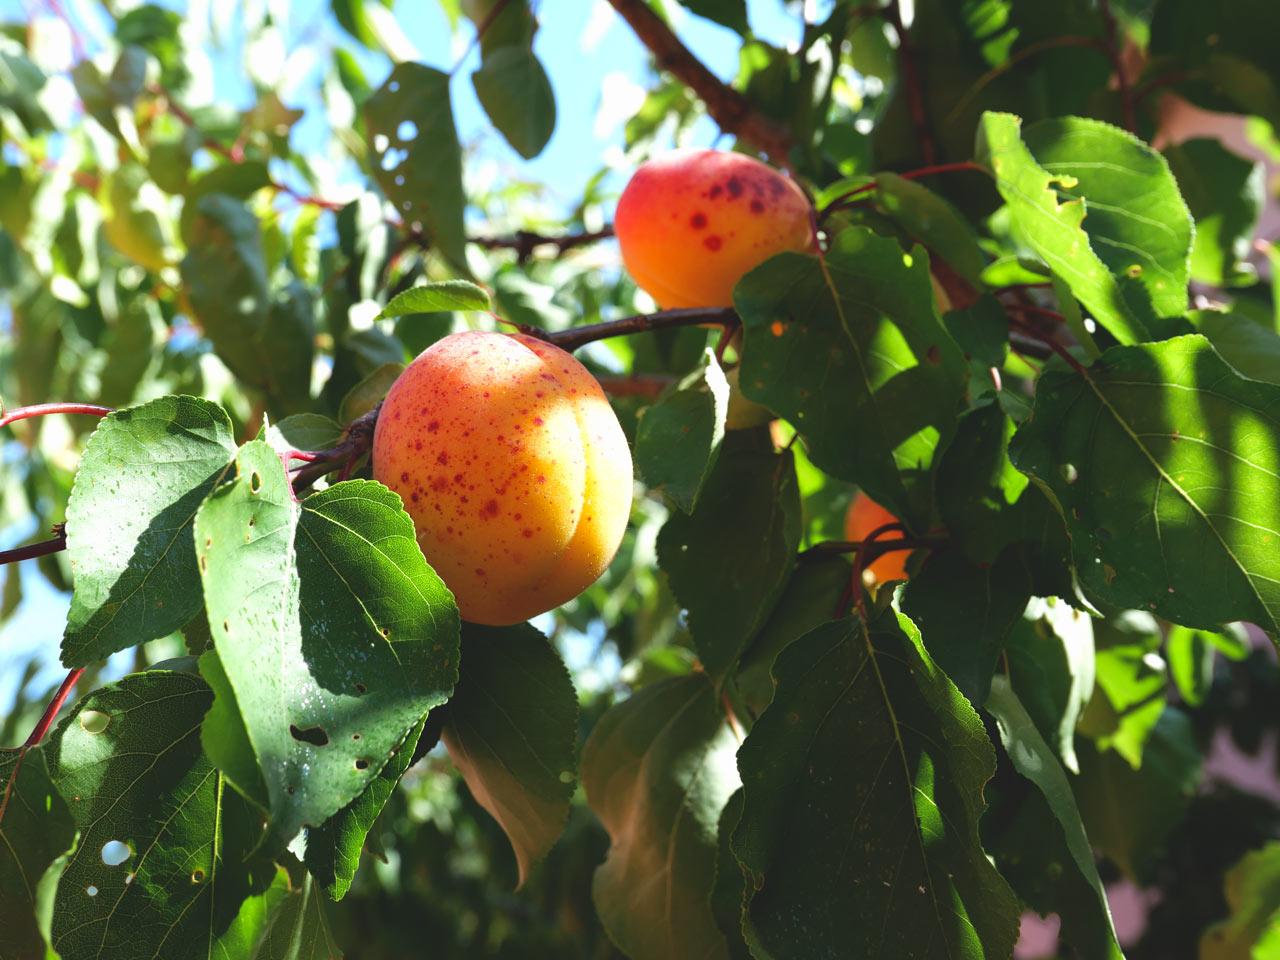 Provence-abricot-été